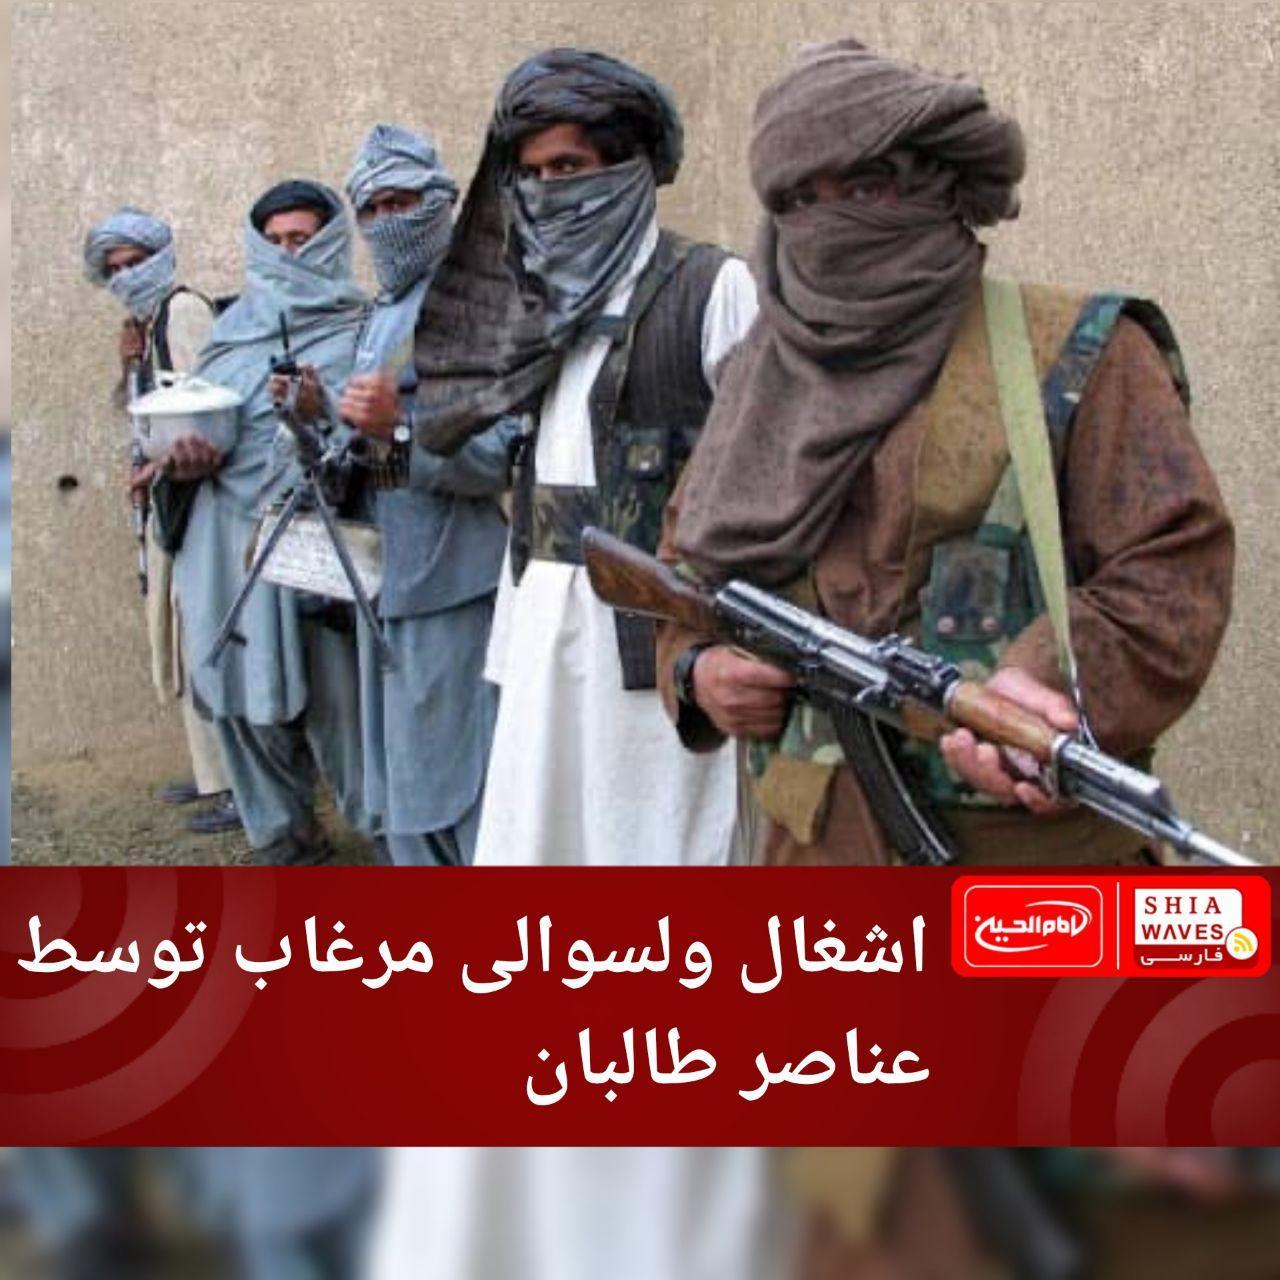 تصویر اشغال ولسوالی مرغاب توسط عناصر طالبان